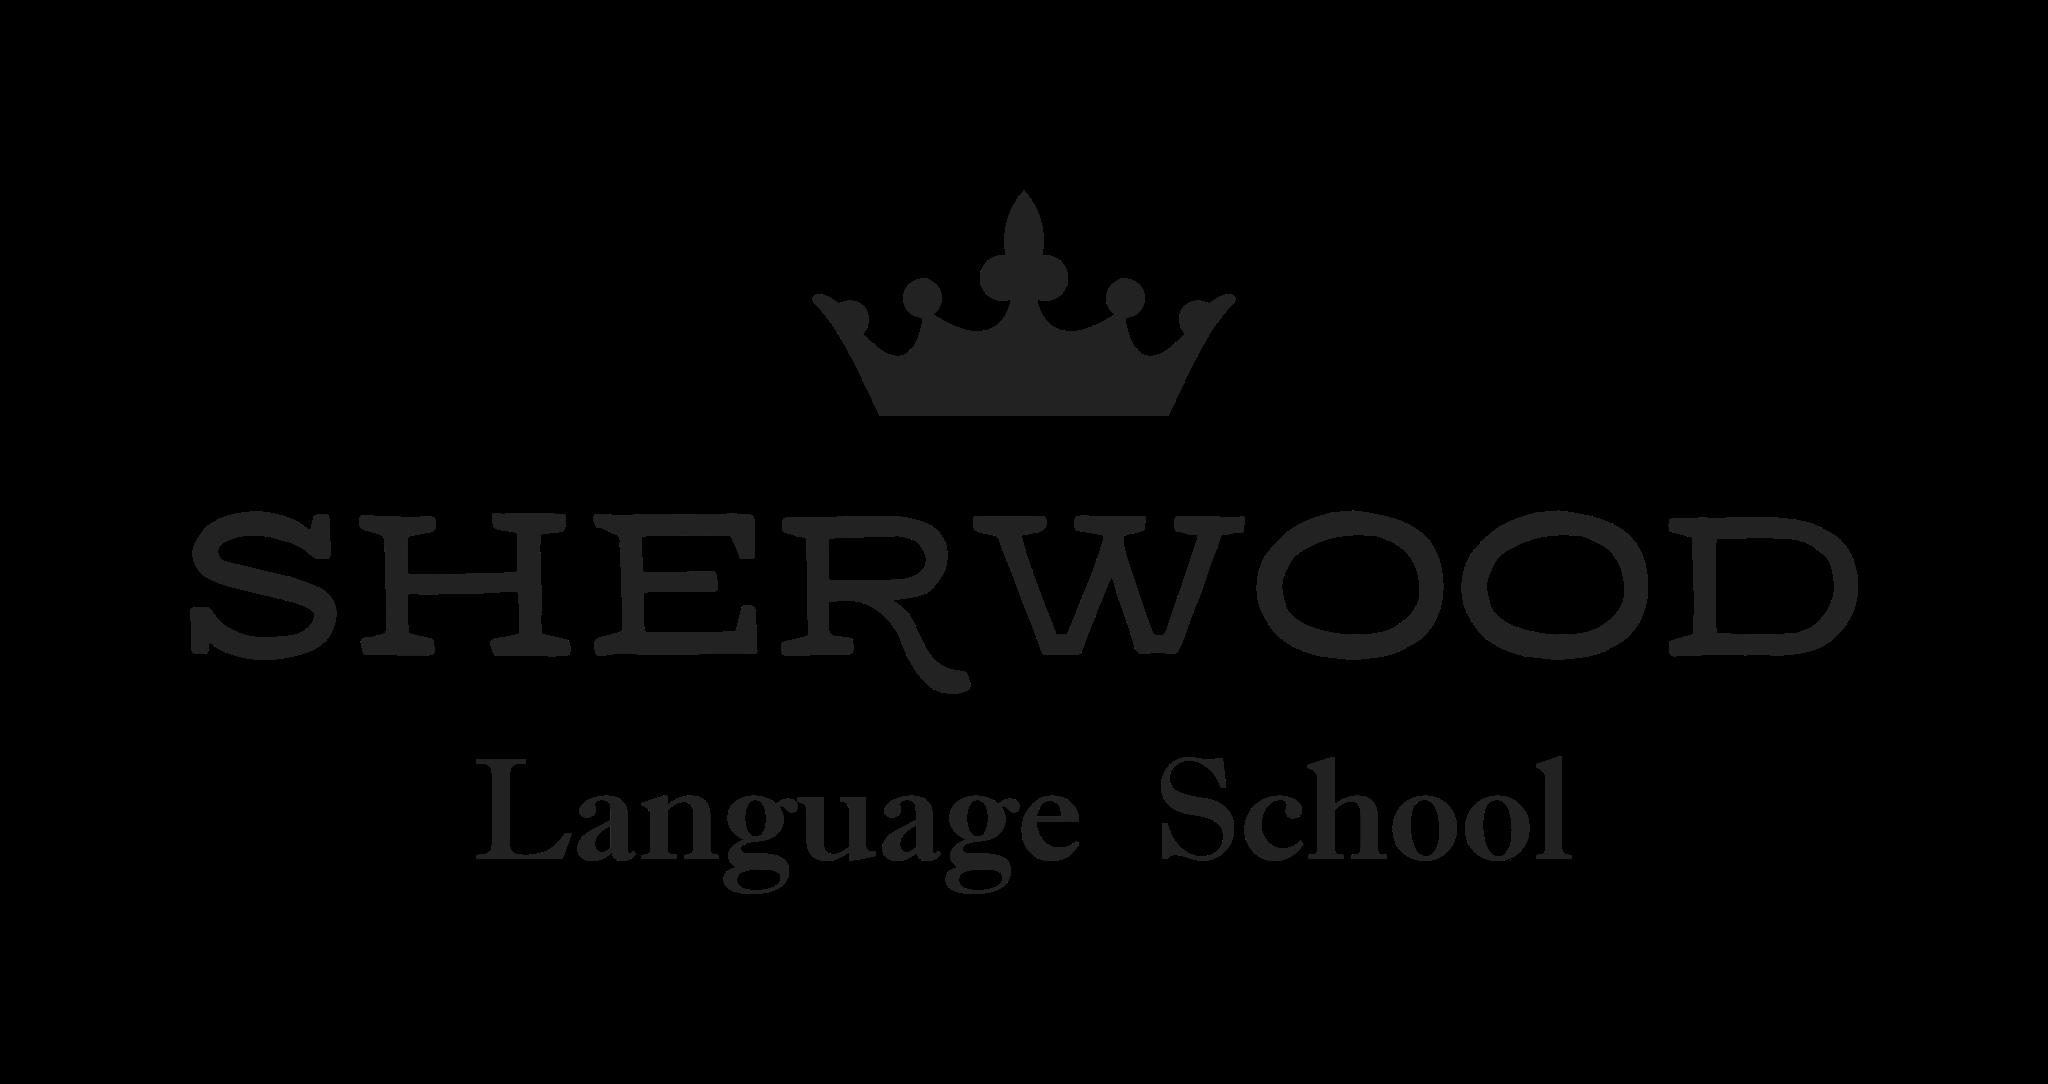 Английский язык по скайпу, репетитор английского языка по скайпу, изучение английского языка по Skype | Иностранные языки online